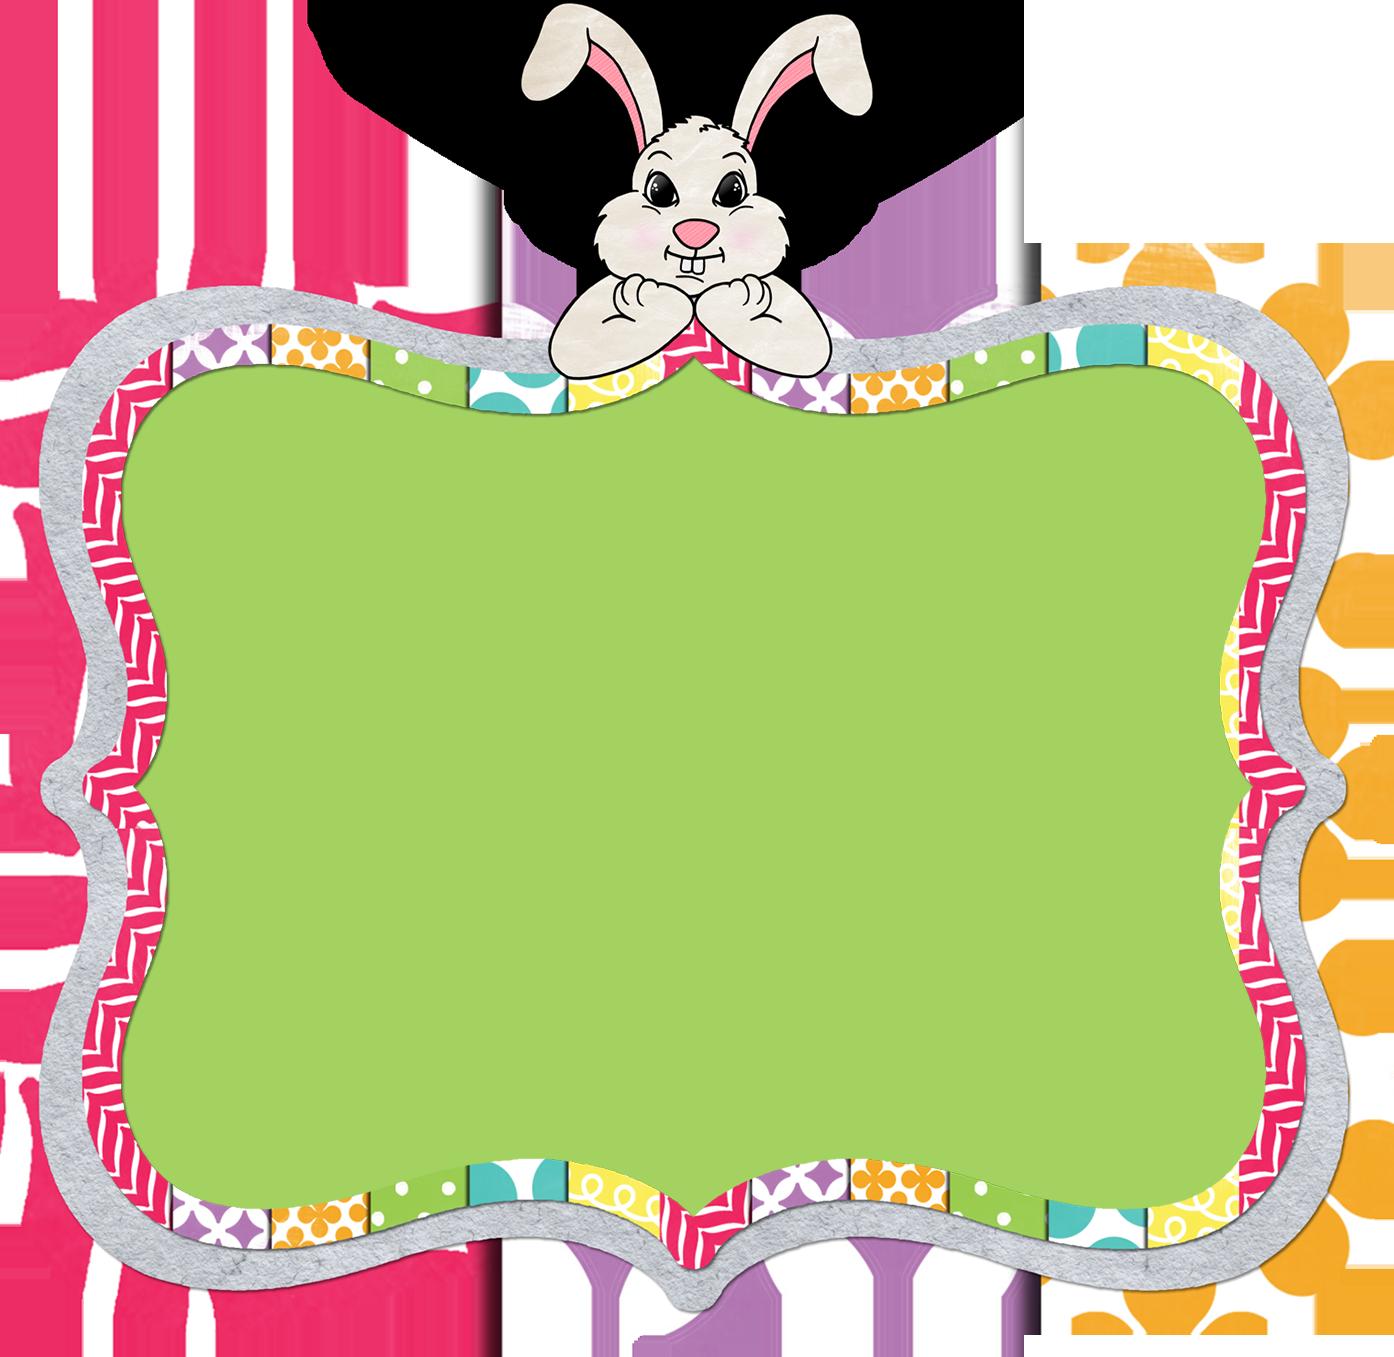 Free Clip Art Text Frames by The 3AM Teacher | Top ...